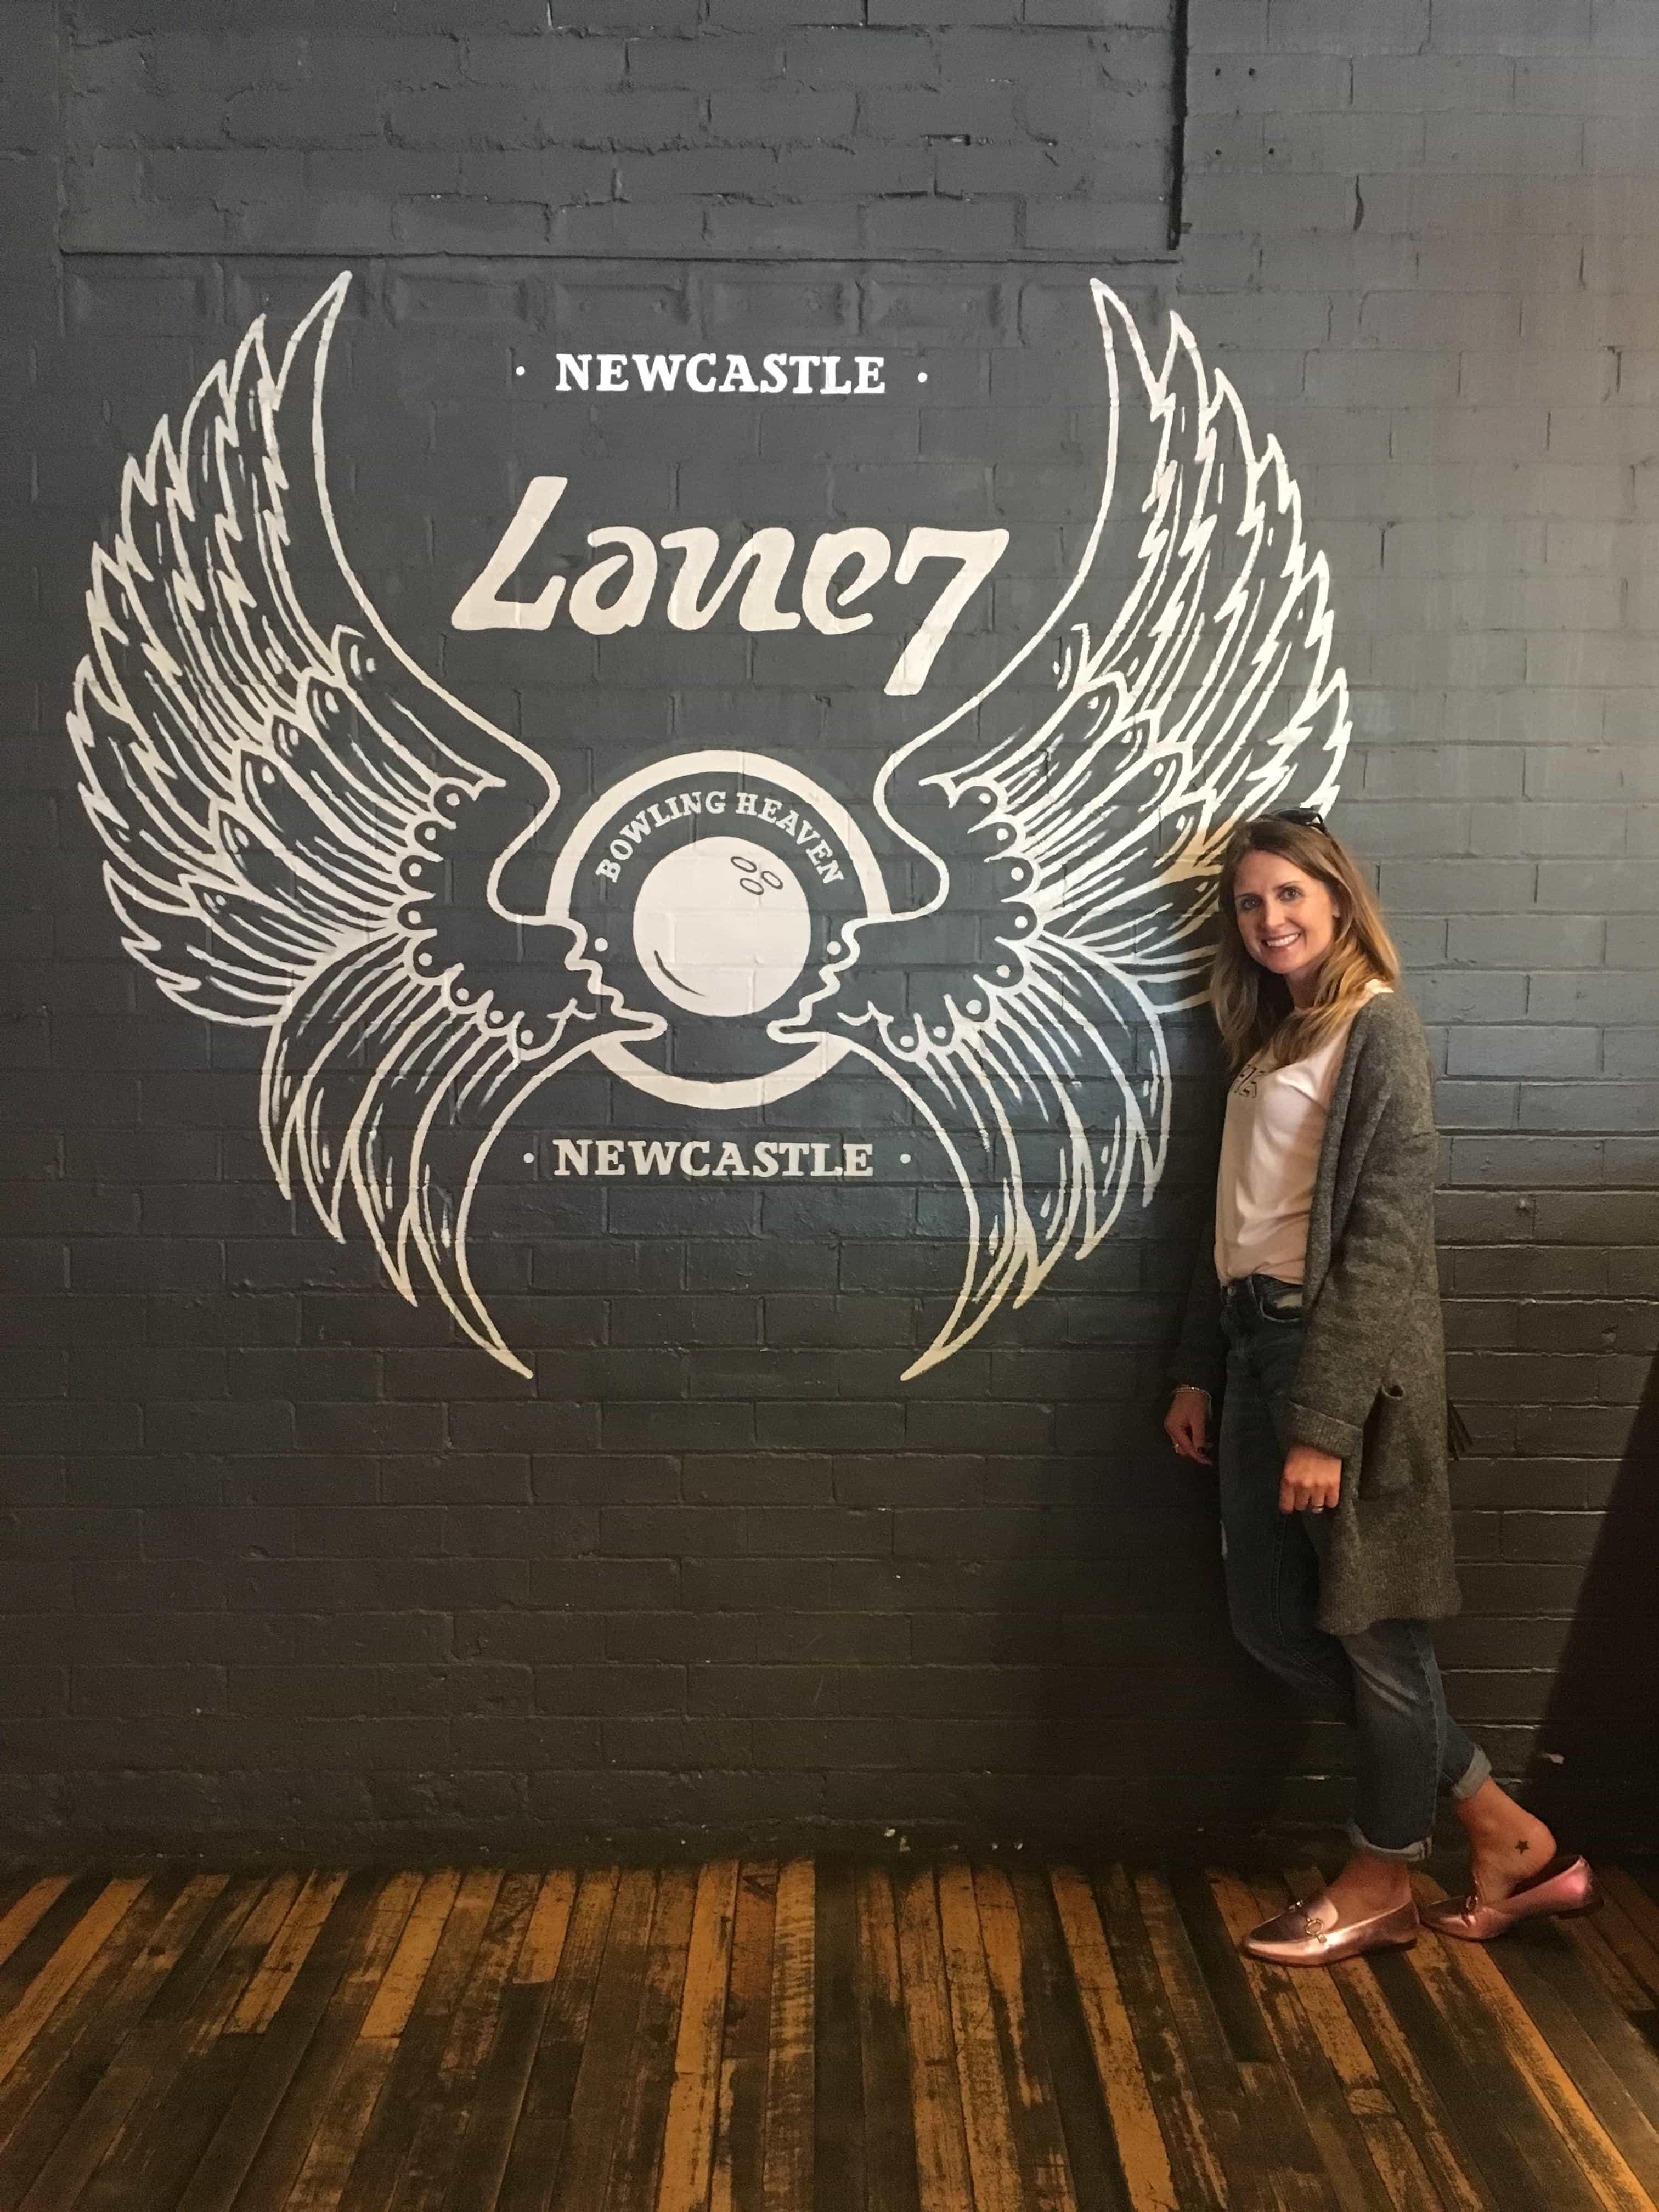 Lane 7, Newcastle